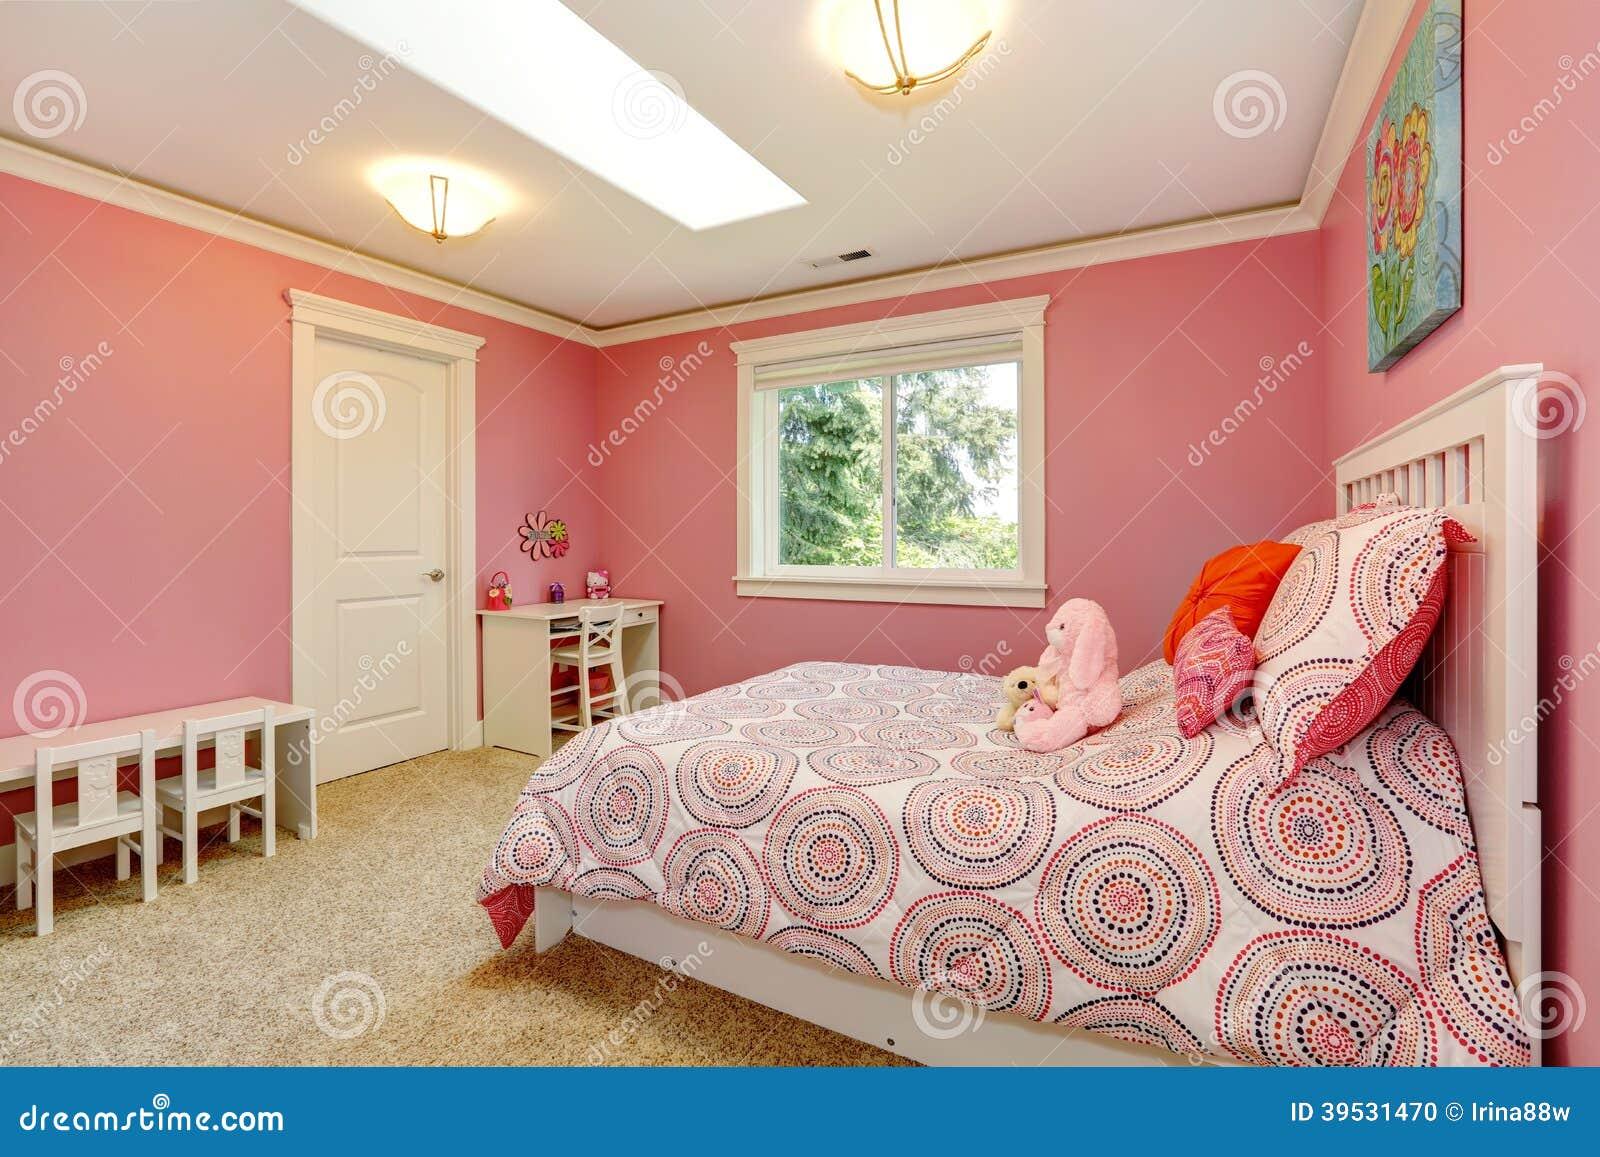 Enkelt sovrum foton – 2,743 enkelt sovrum bilder, fotografi ...